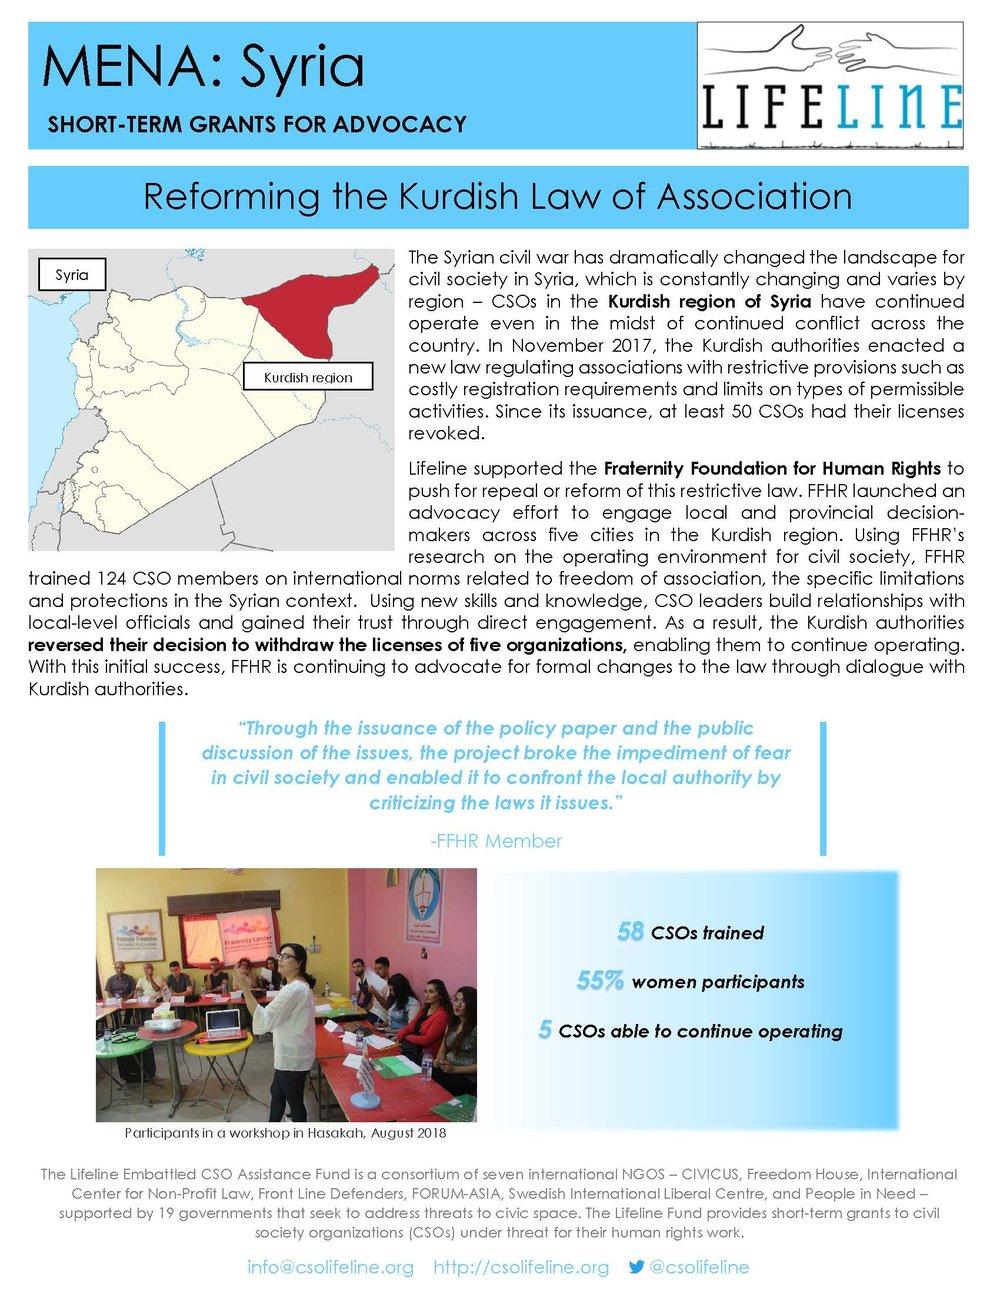 Syria Case Study FINAL.jpg